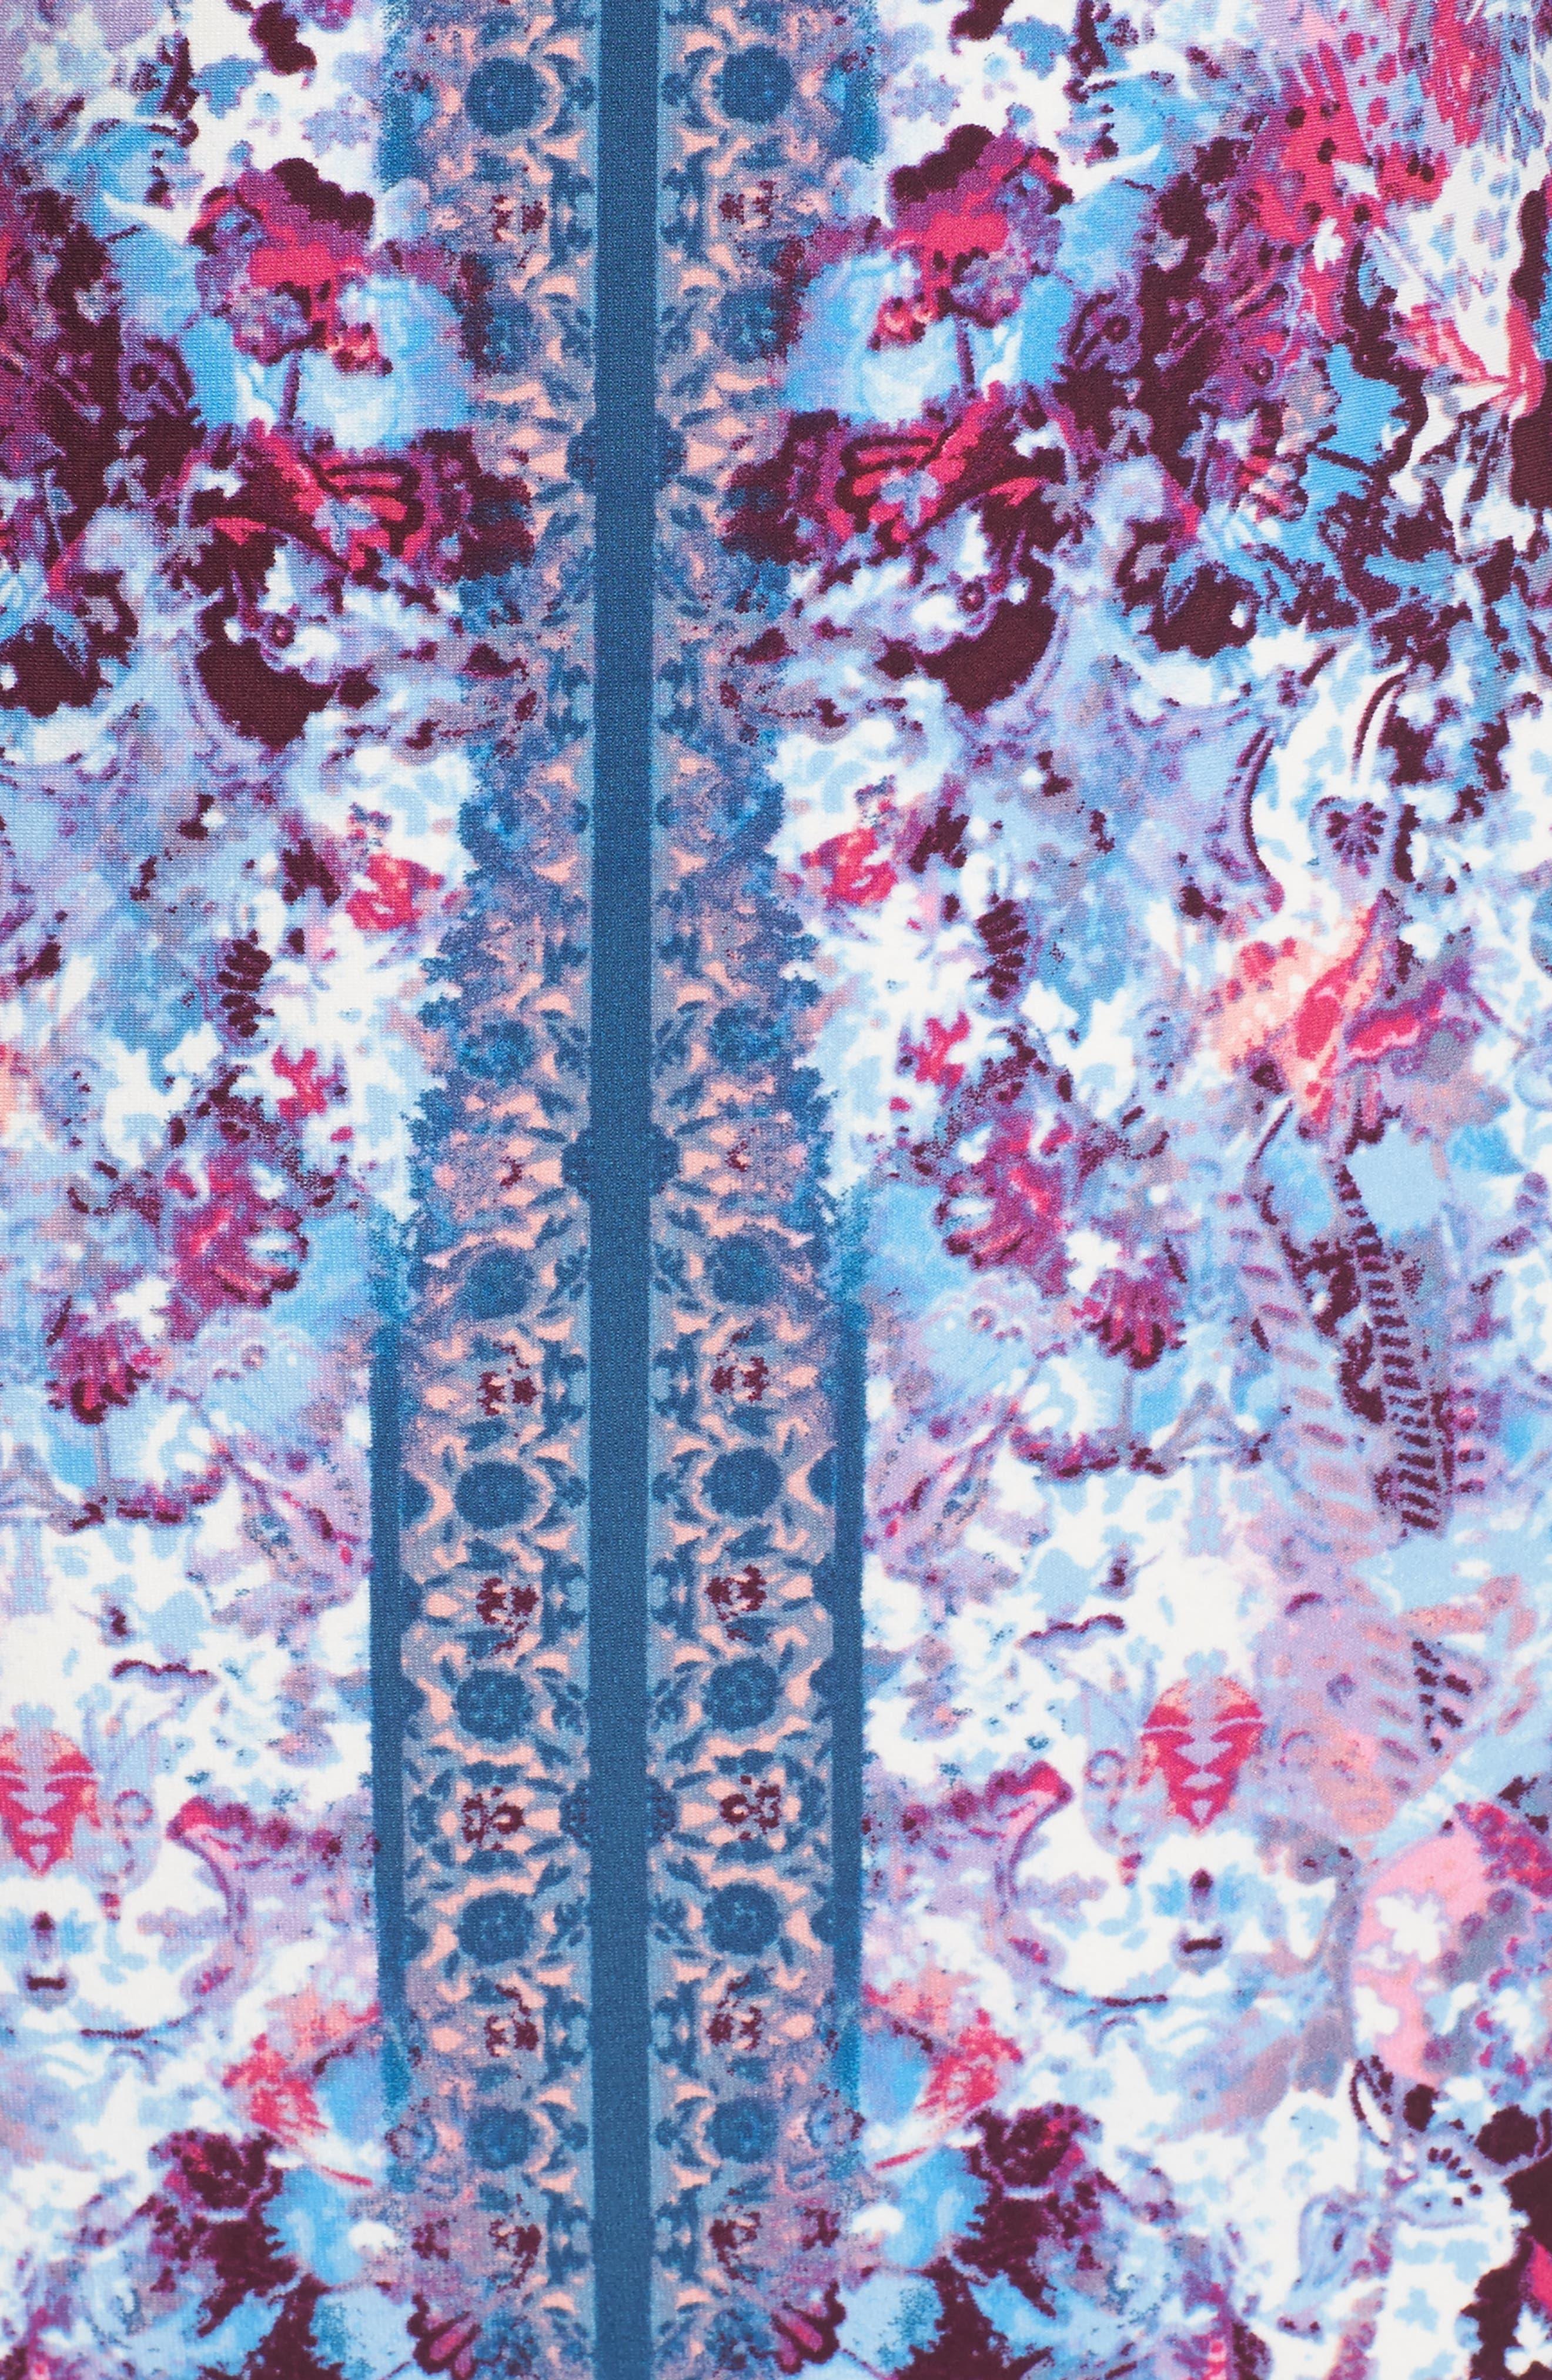 Midi Sheath Dress,                             Alternate thumbnail 5, color,                             595